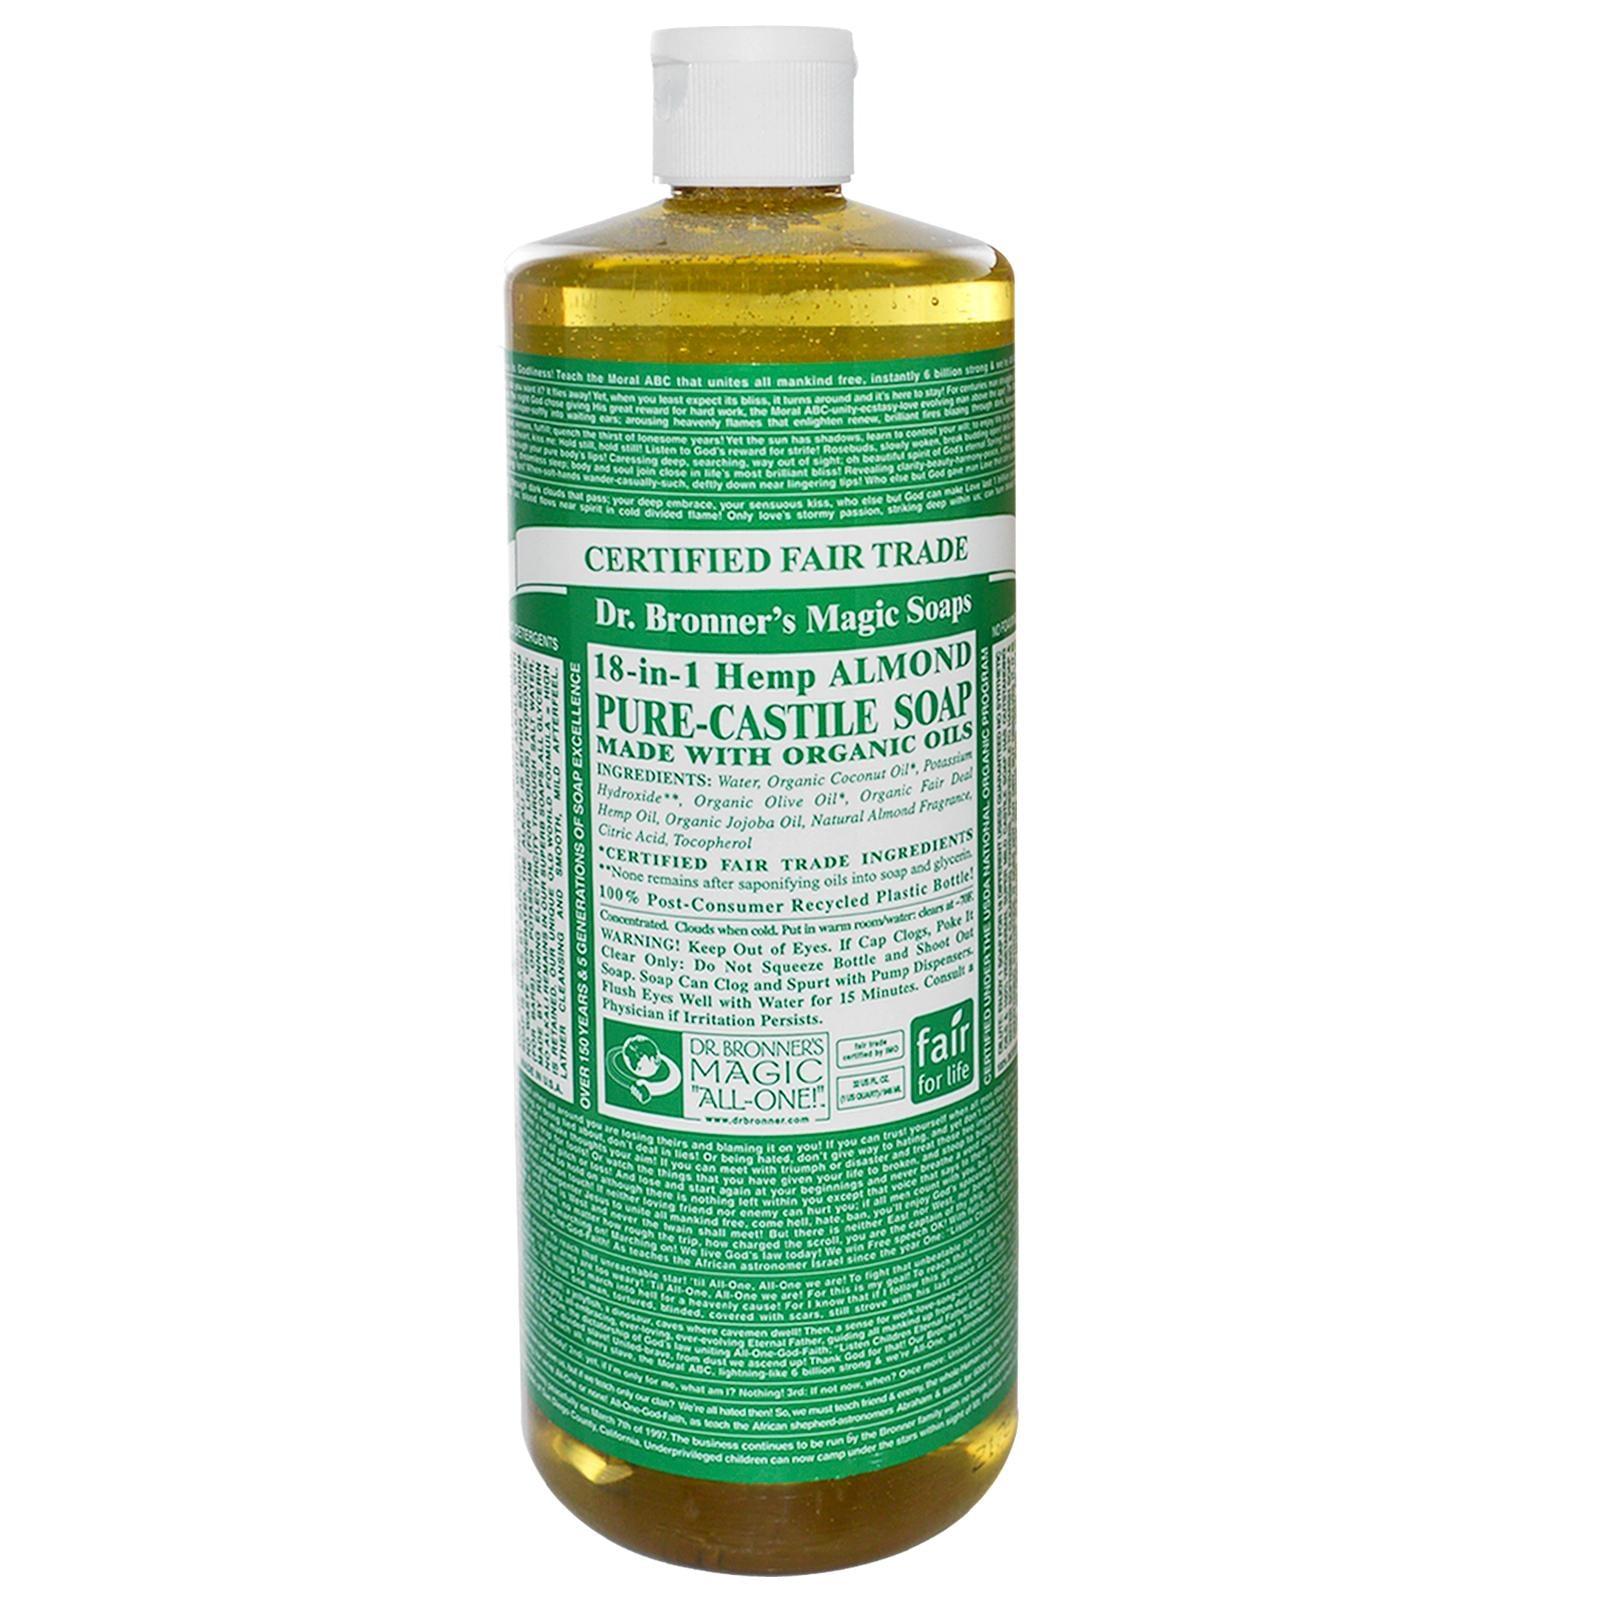 Dr. Bronner's Almond Liquid Castile Soap